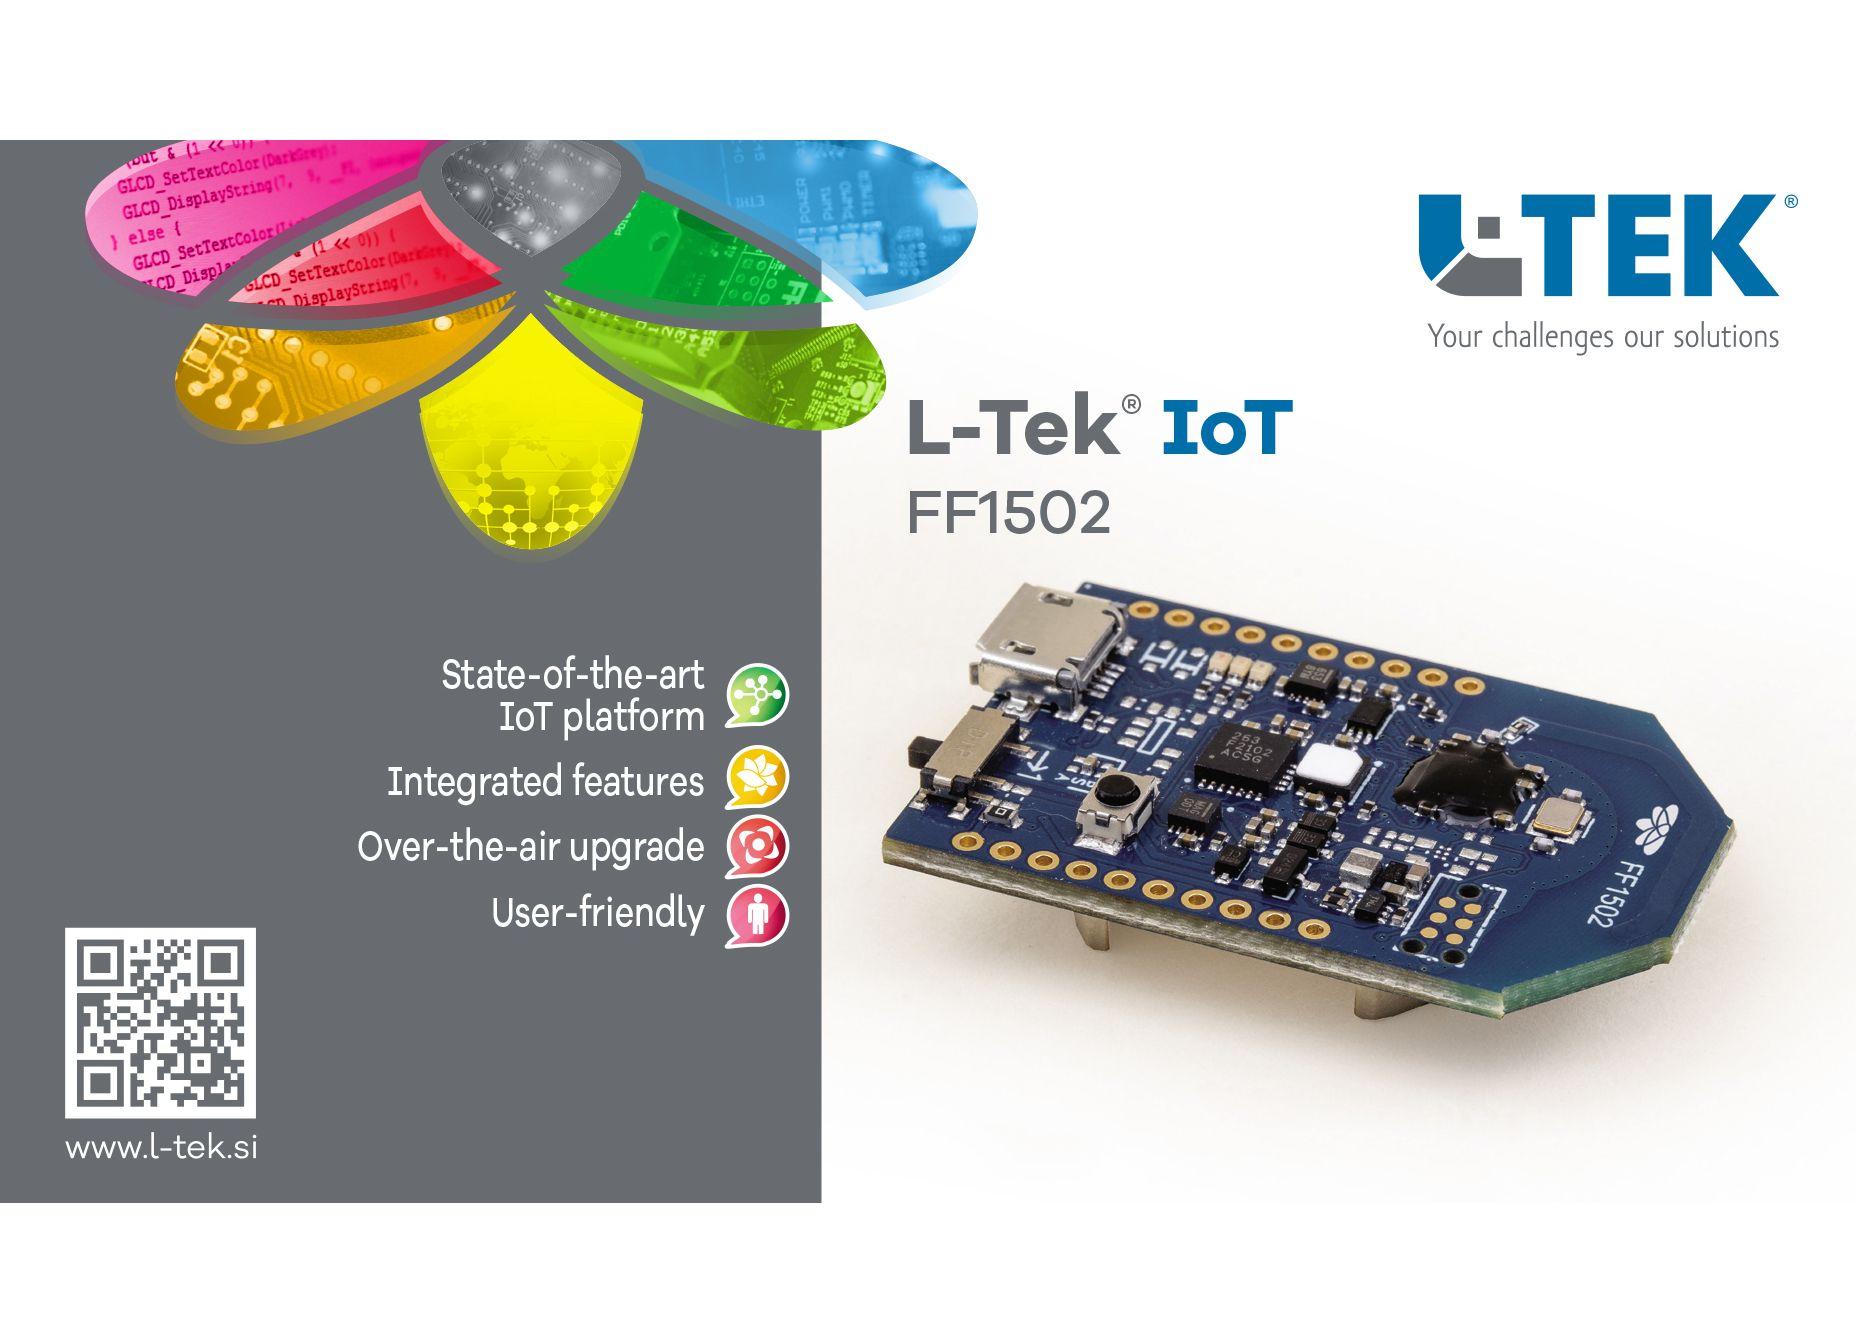 L-Tek FF1502